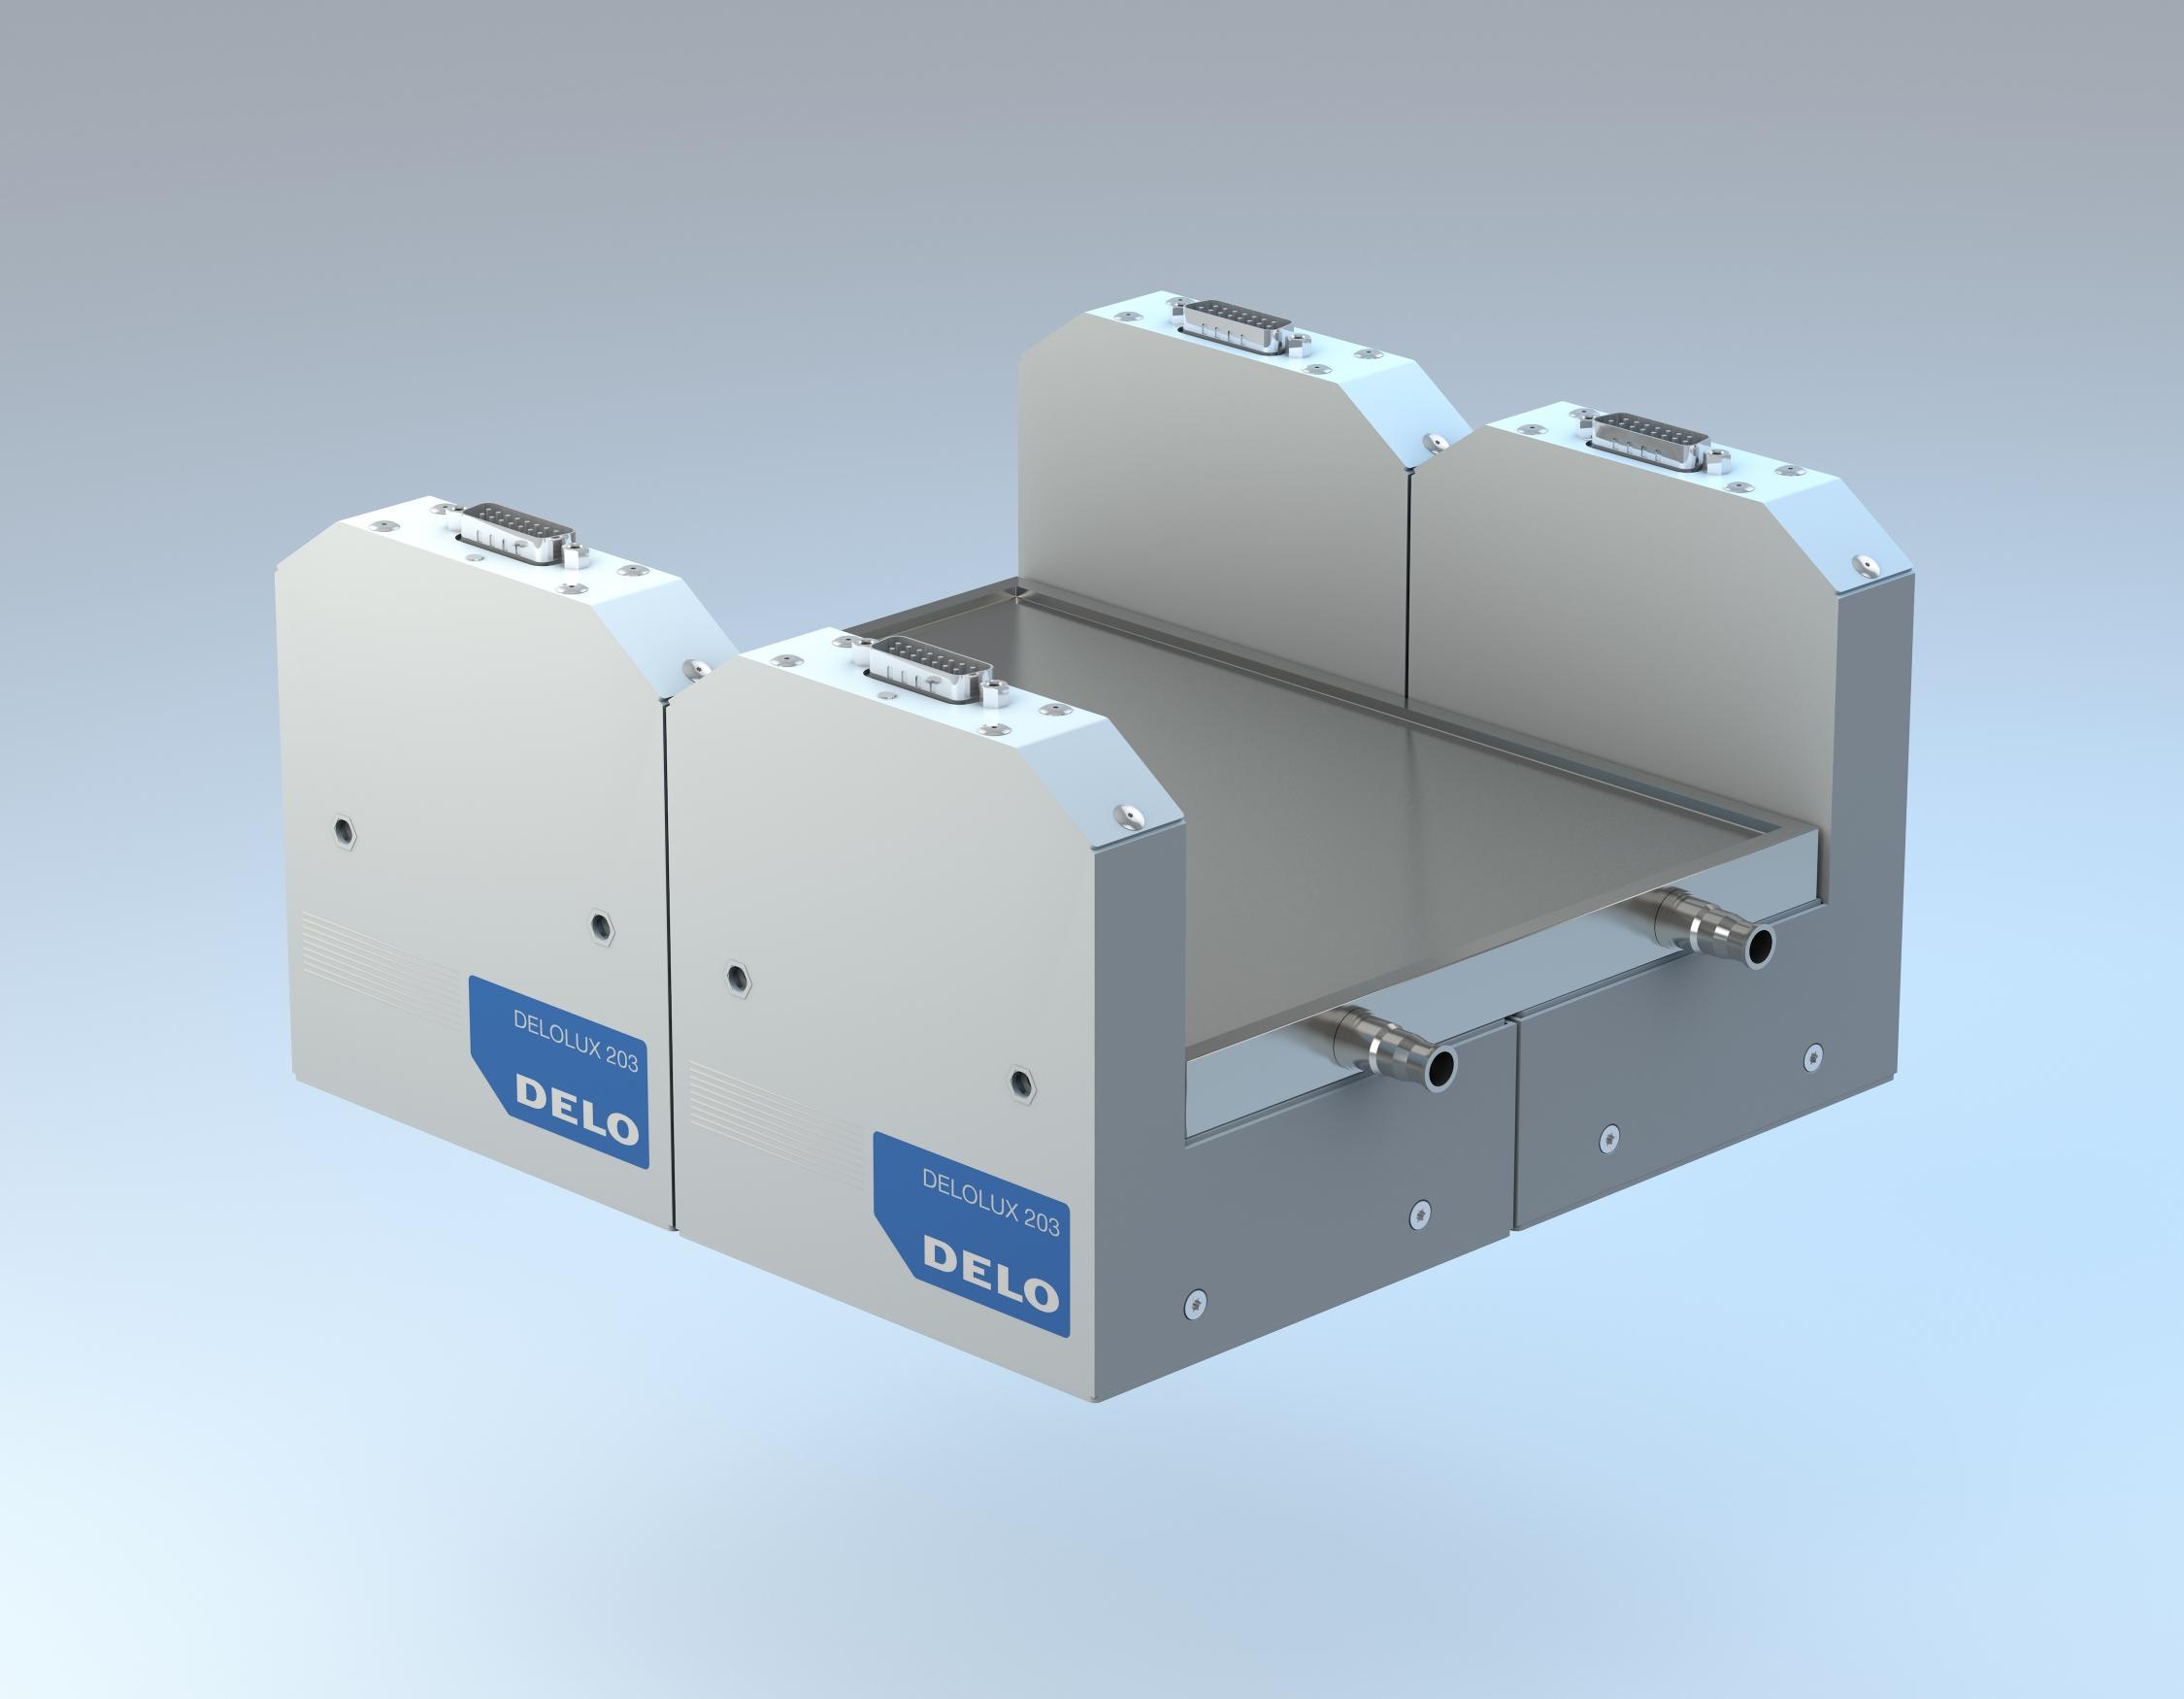 DELO giới thiệu đèn sấy keo UV công suất lớn DELOLUX 203 cho phòng sạch